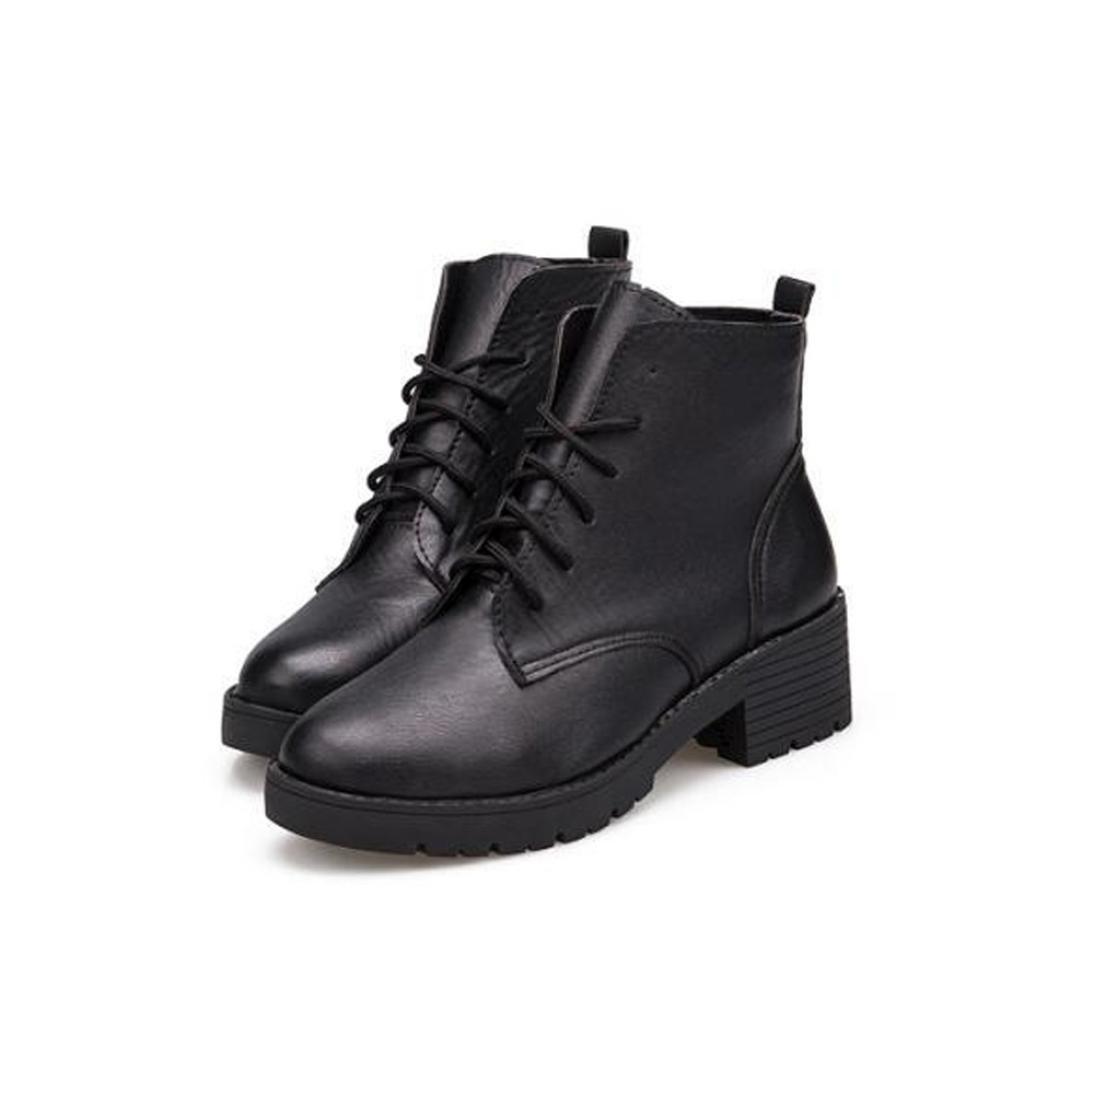 Coloré TM Boots Sport Sport - - Boots Chaussures Classiques Noir ce0d6fe - shopssong.space